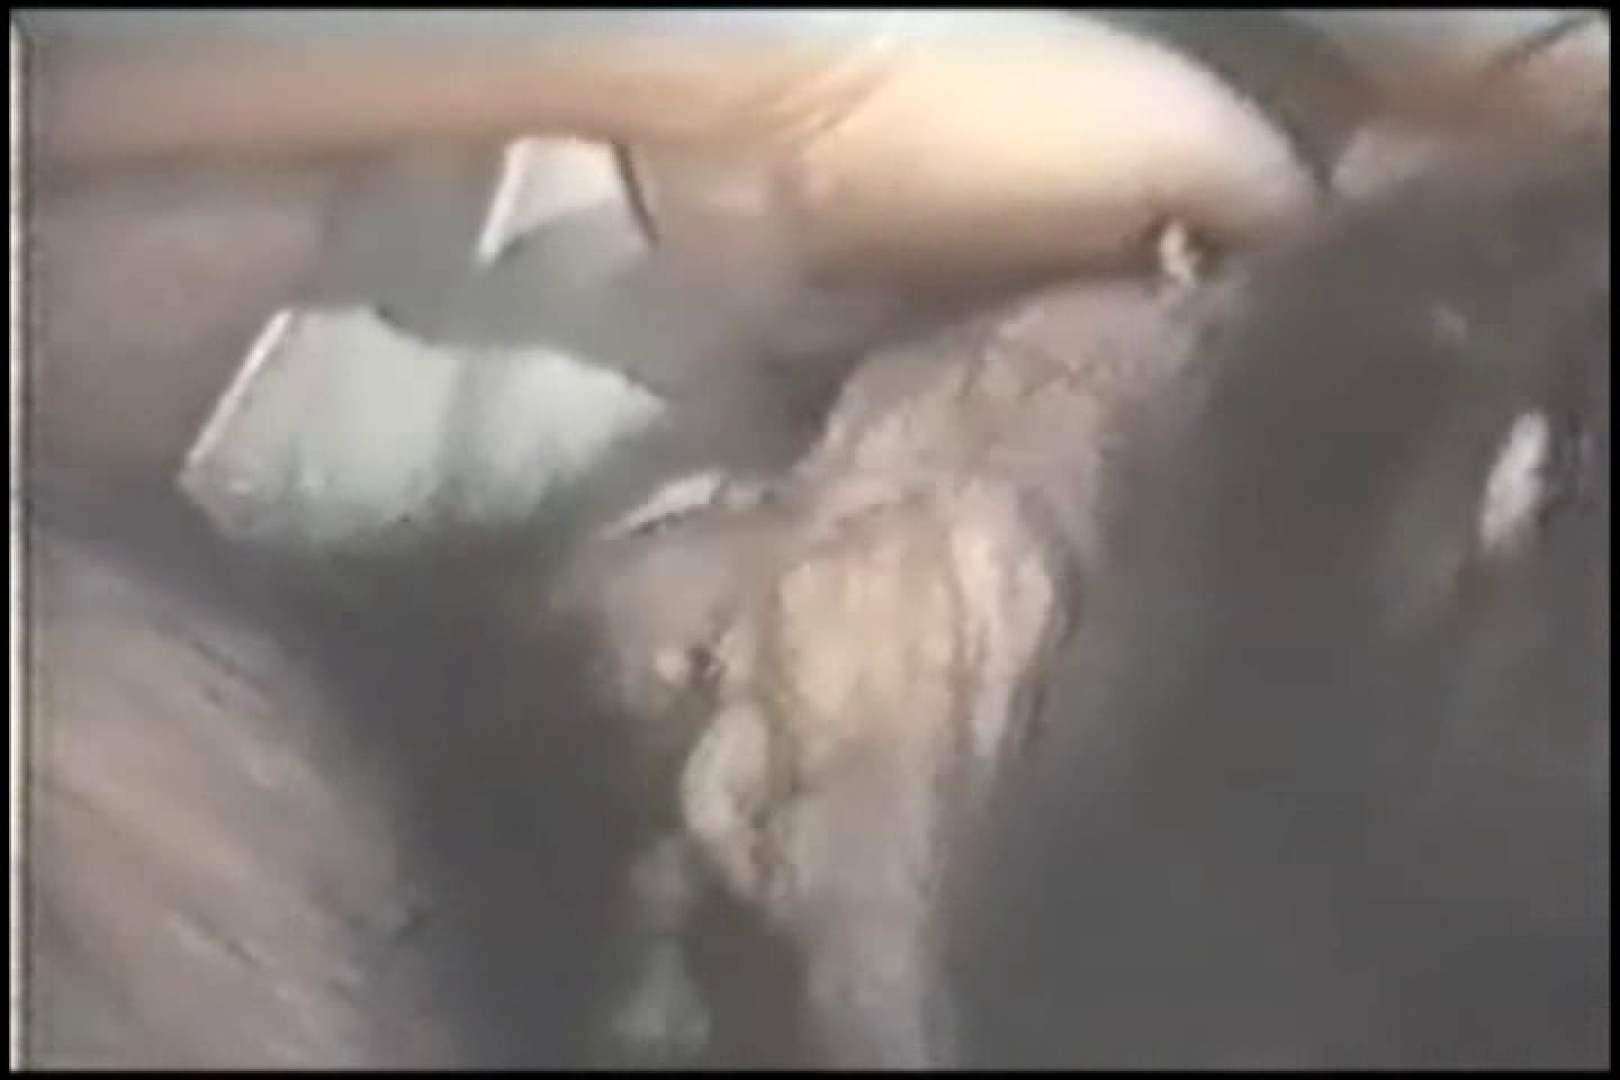 前後不覚に酔っている女を撮影する鬼畜親父 ホテル | 鬼畜  83連発 68